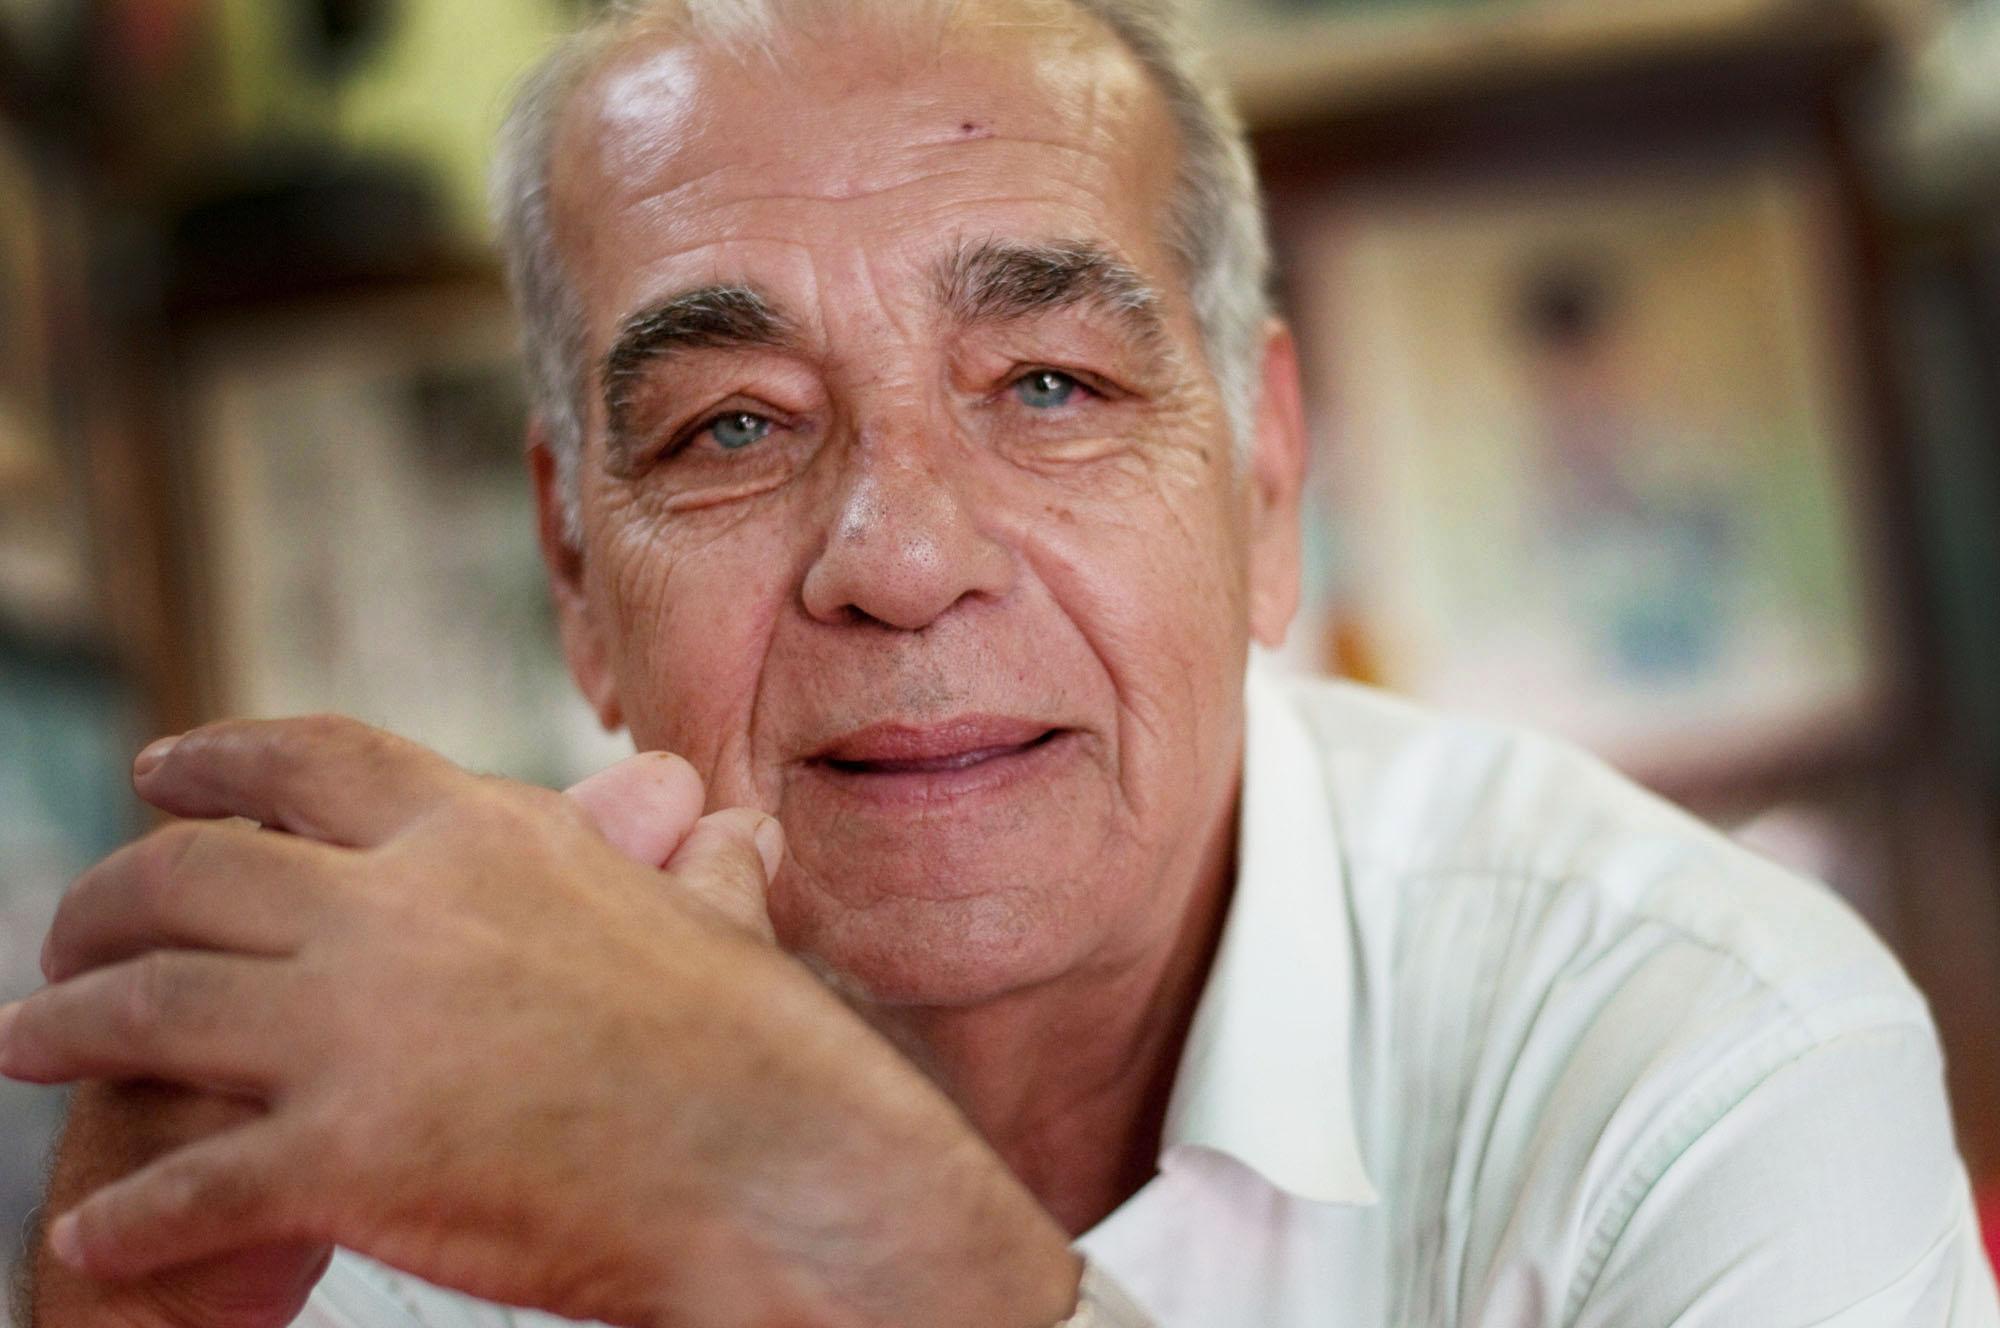 Alfonso Jorge Frías en Casa Teo, un bar de Santa Cruz de Tenerufe dedicado al boxeo. Foto de Sol RIncón Borobia, hecha con Nikon D300S.